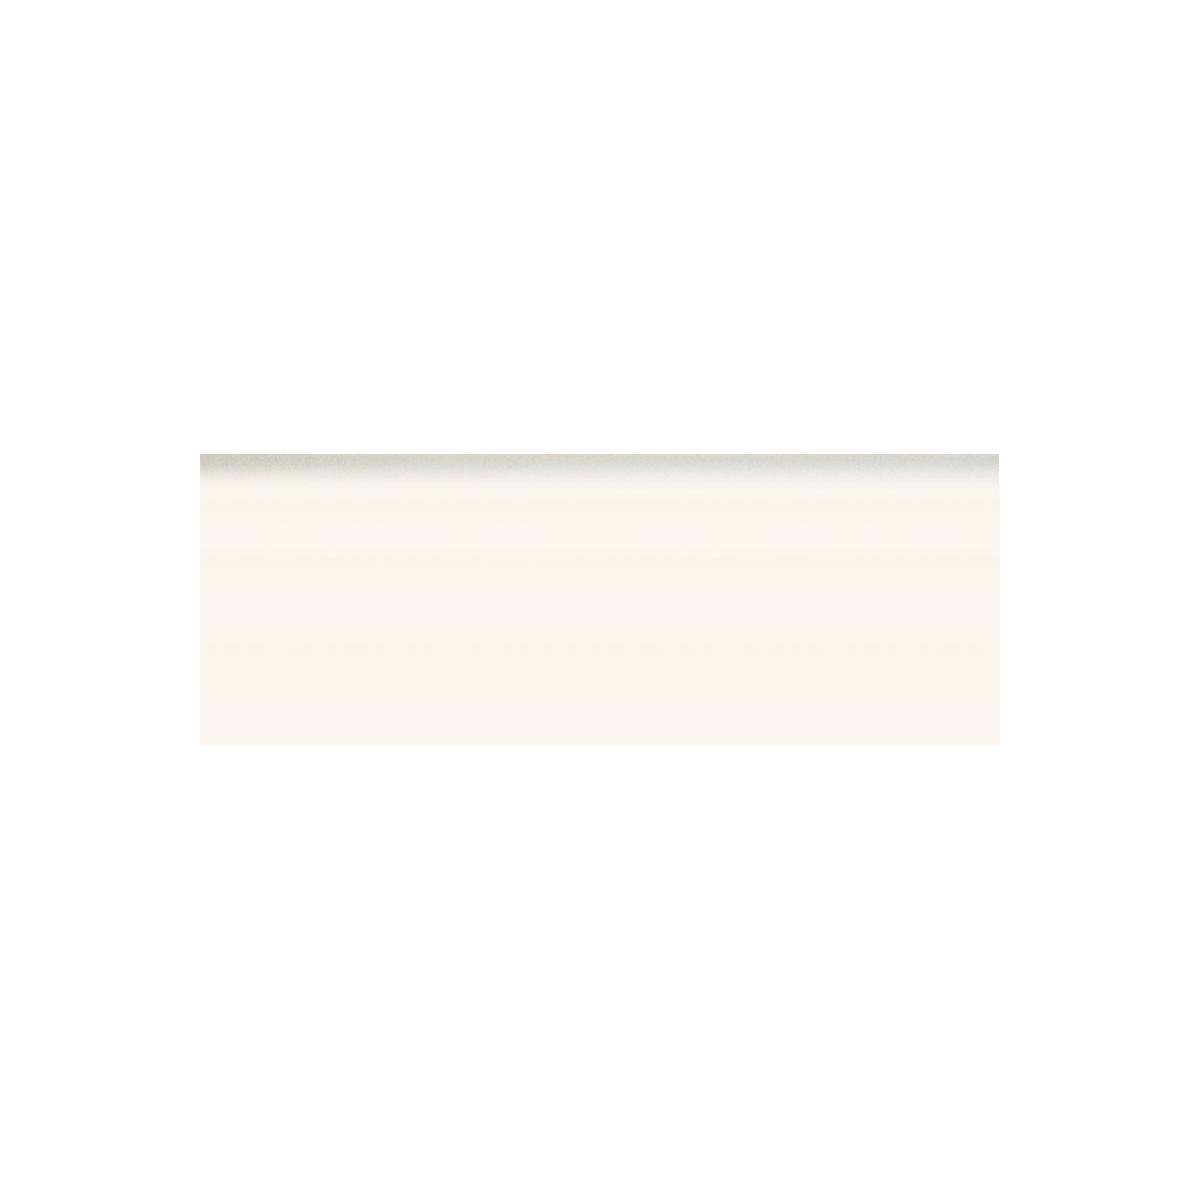 Rodapié Blanco Victorian 7,5x20 (ud) - Colores lisos para combinar - Marca Mainzu